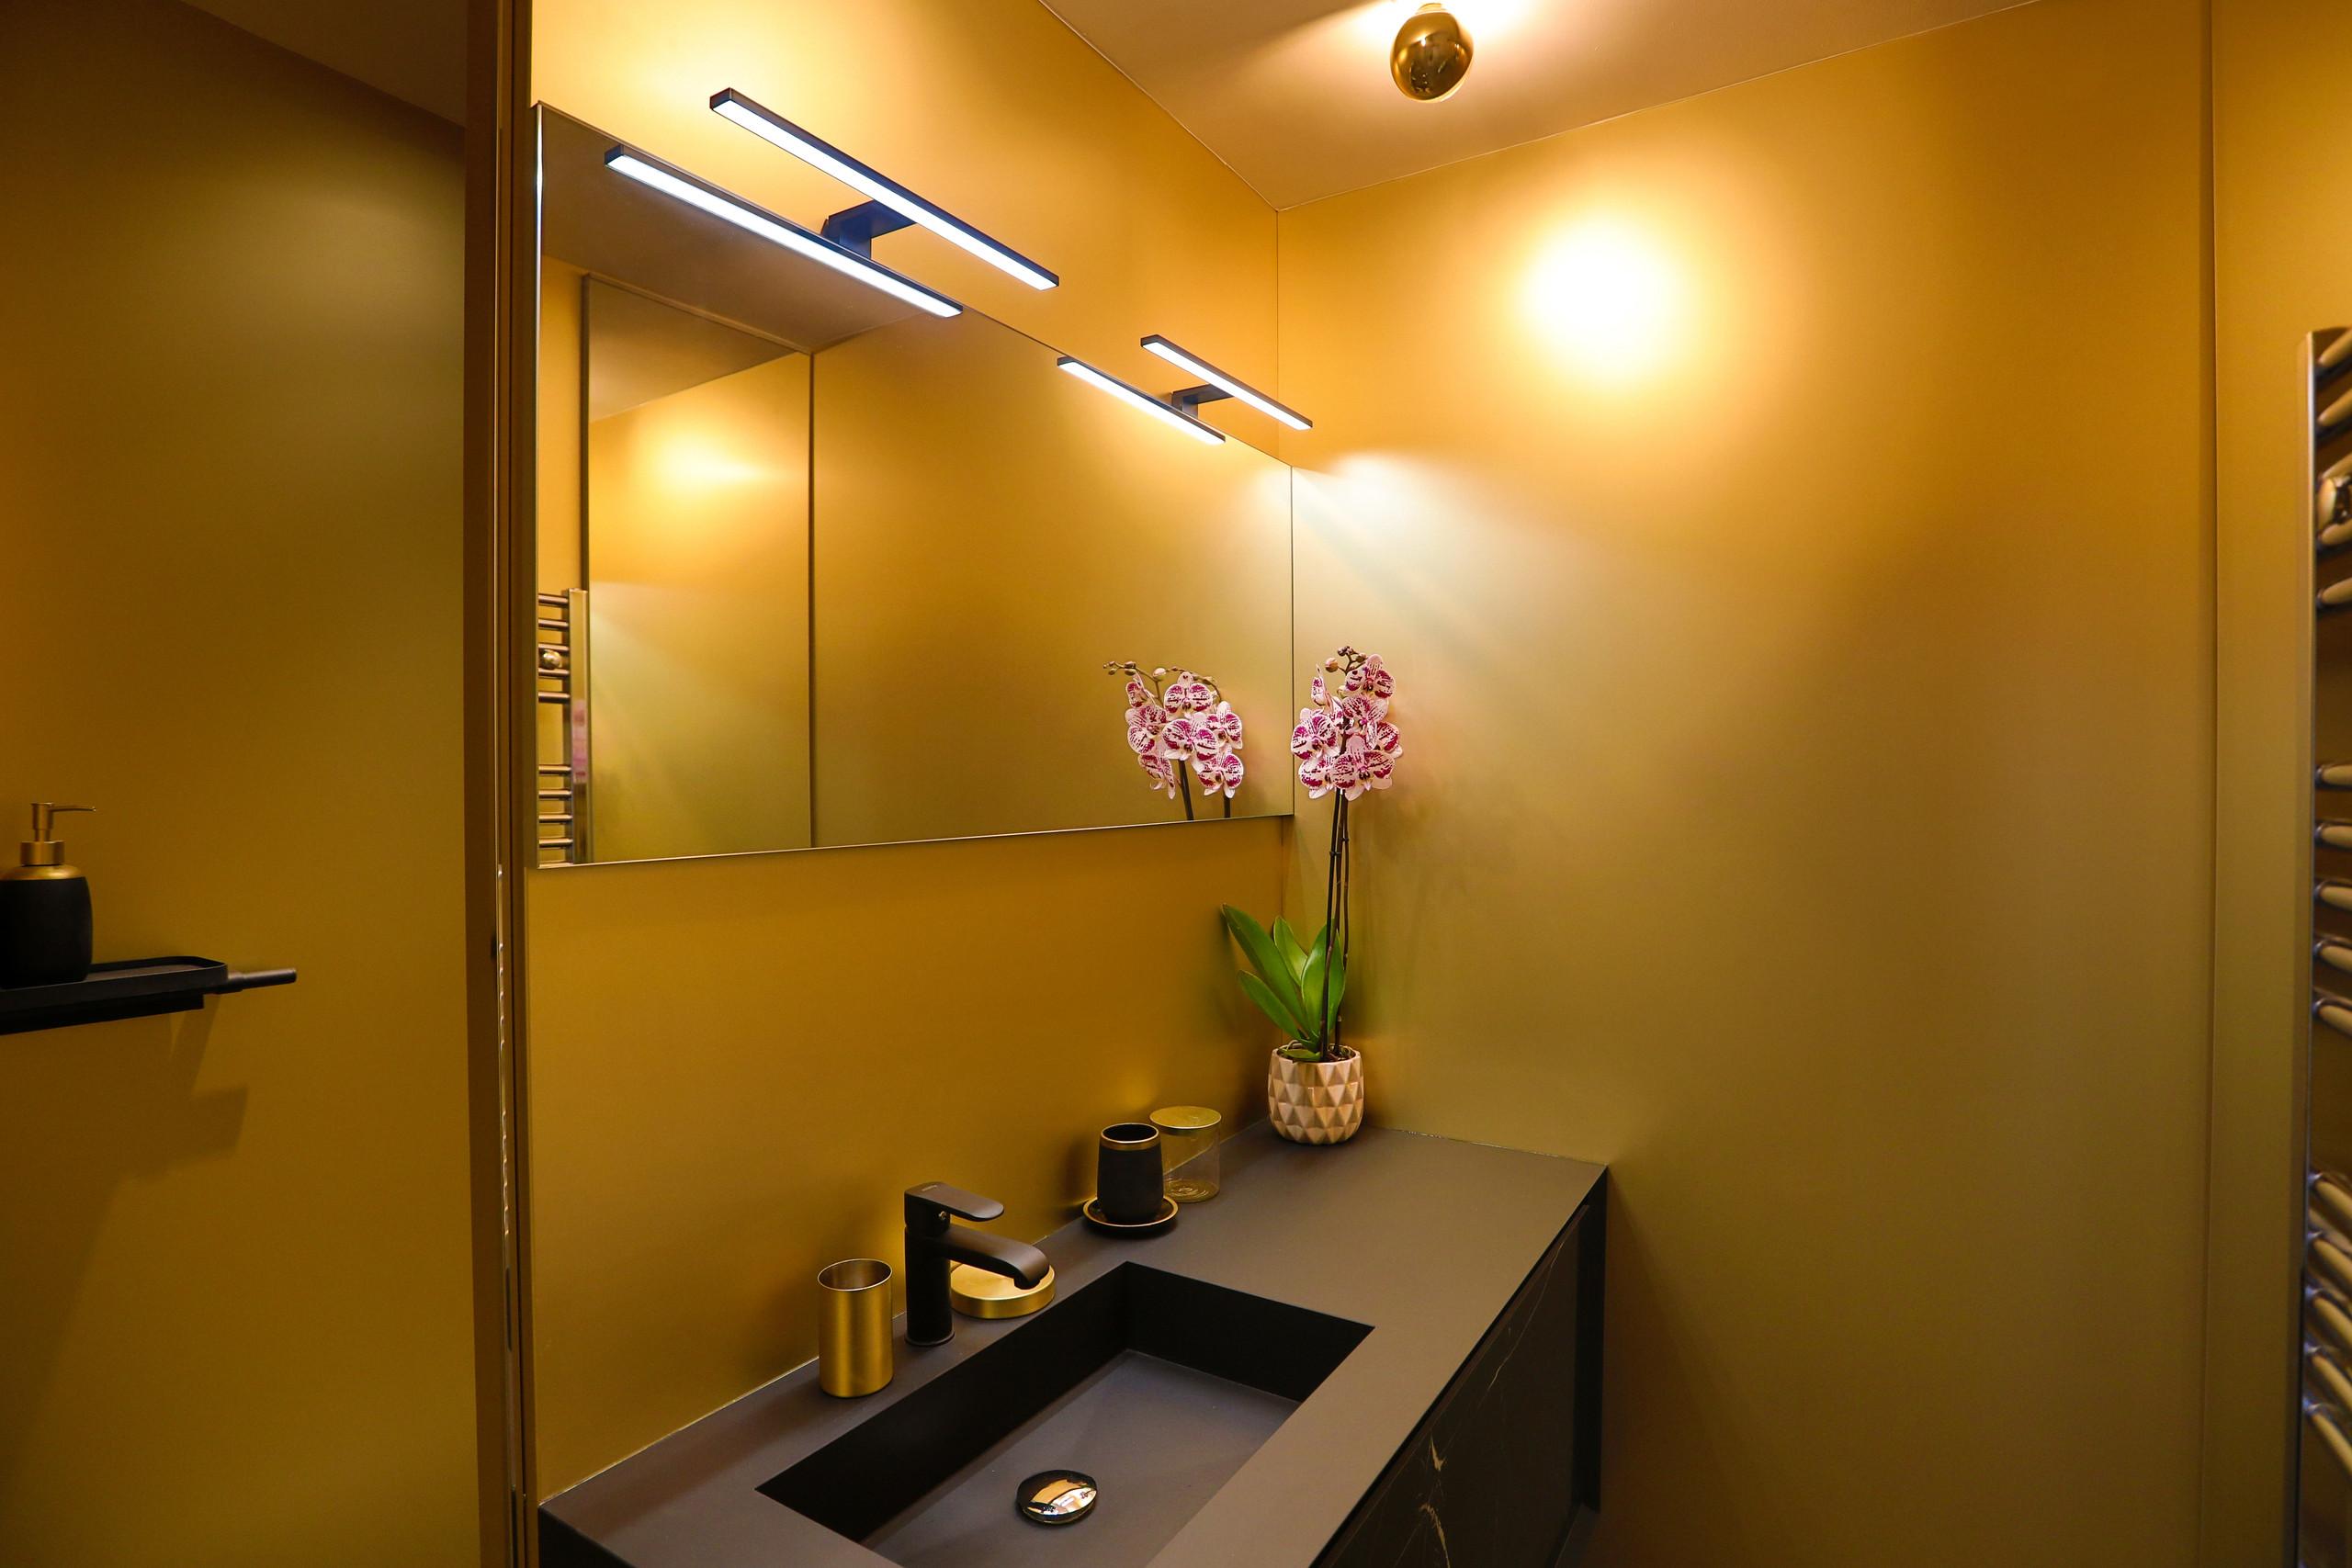 Rénovation d'une salle de bain glamour.